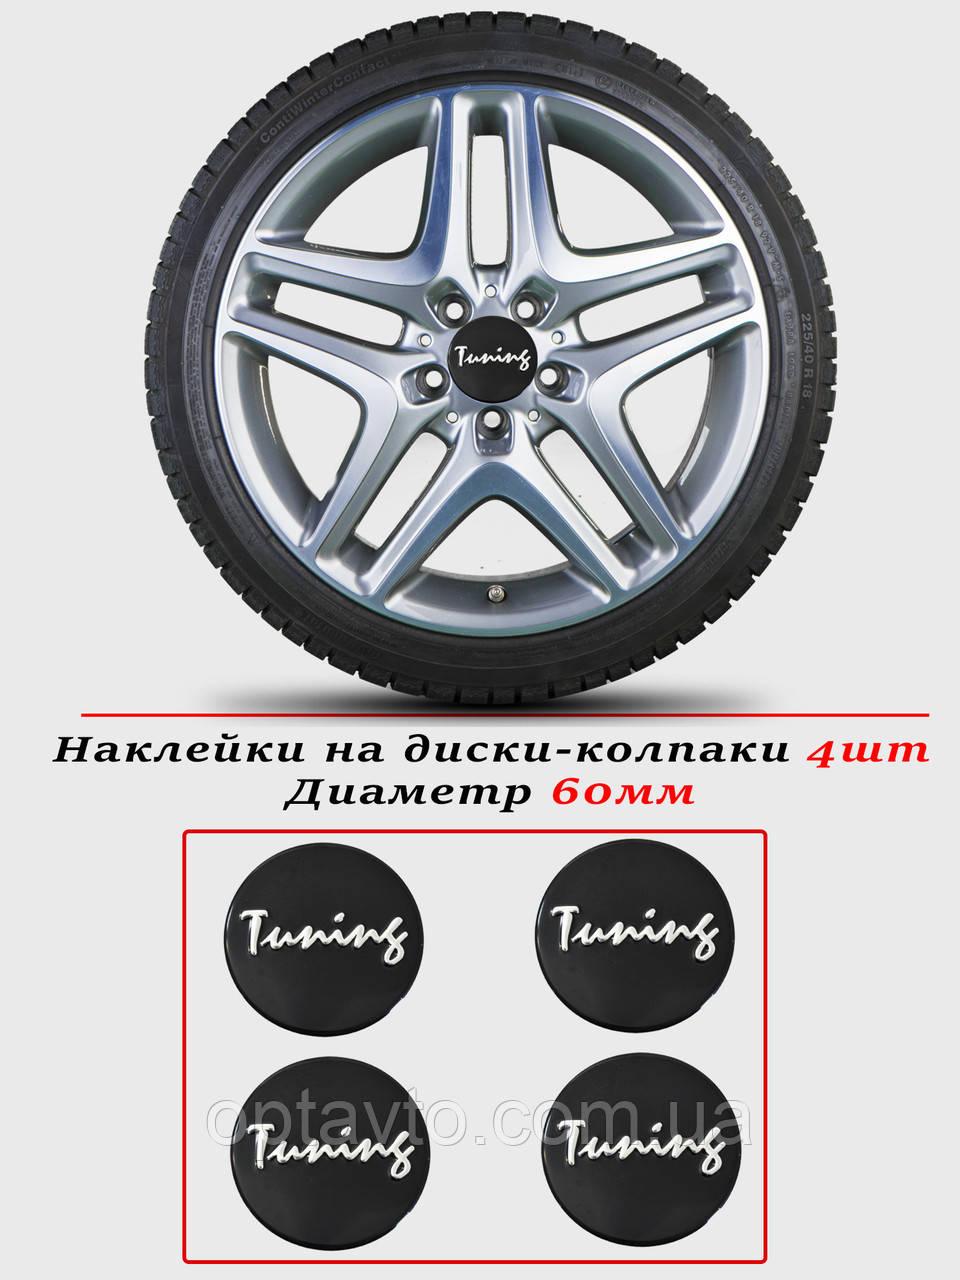 Наклейки на автомобильные колпаки и диски / комплект / диаметр 60 мм / TUNING